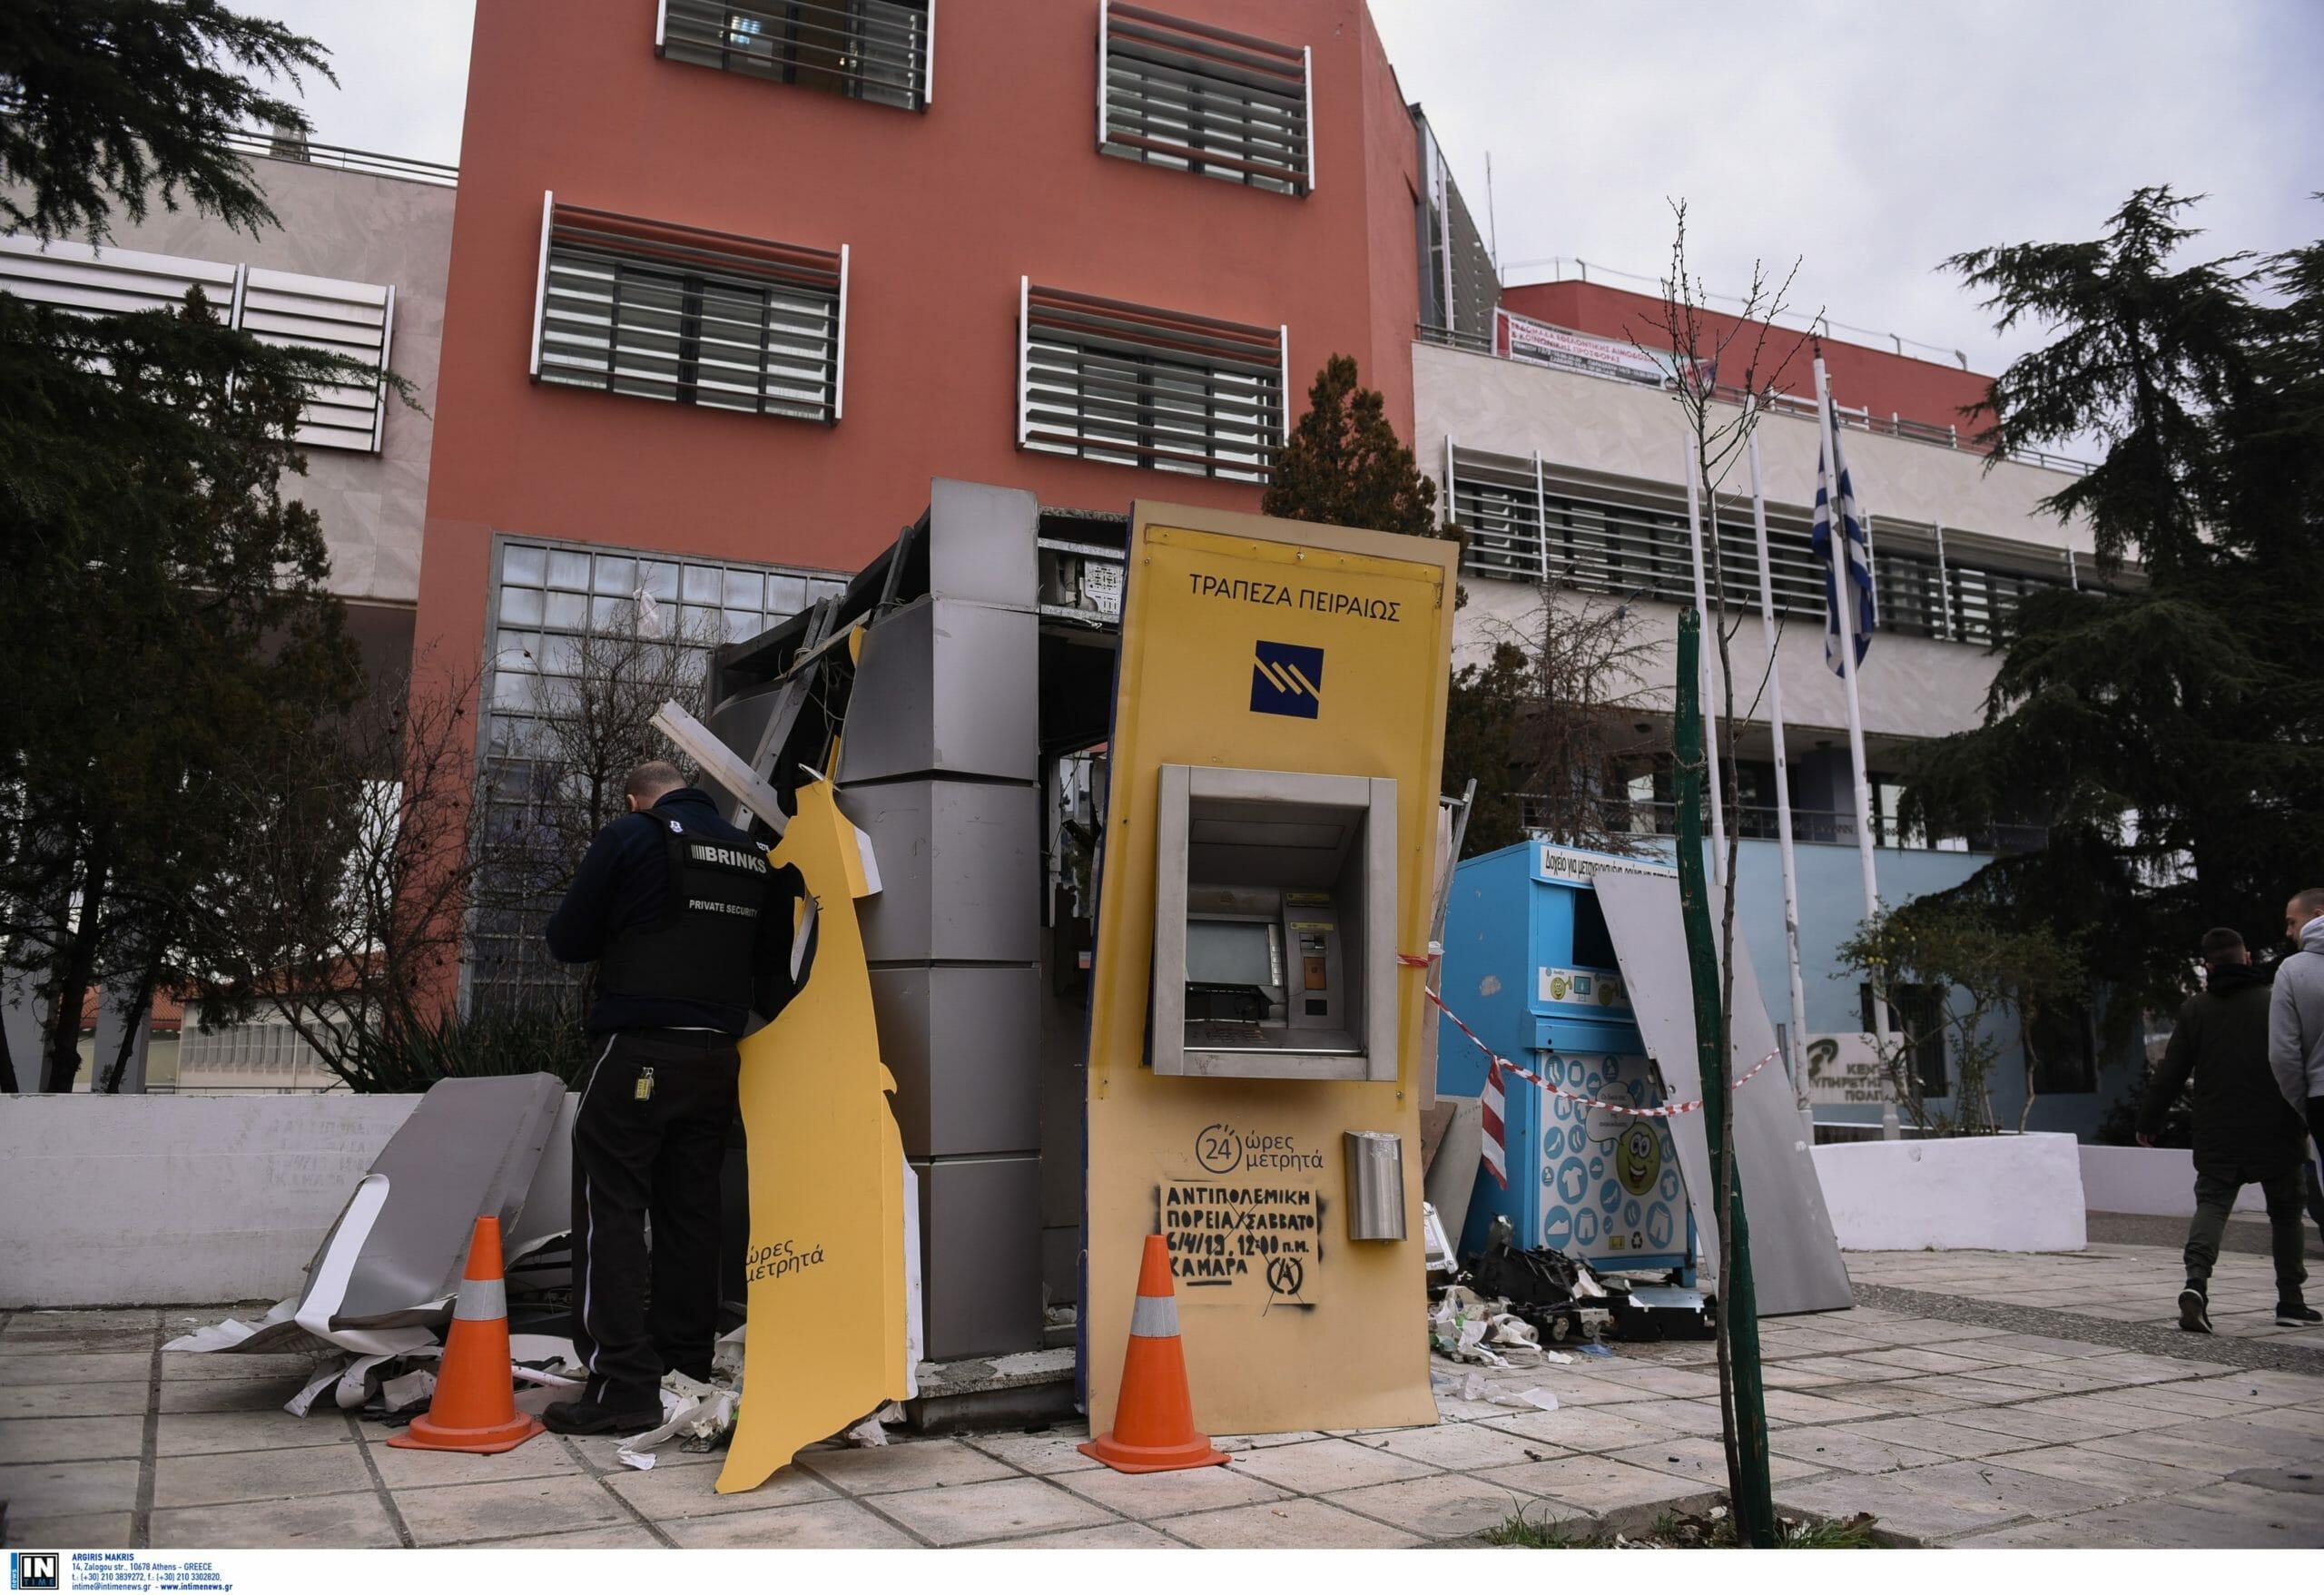 Ανατίναξαν κι άλλο ΑΤΜ στη Θεσσαλονίκη και άρπαξαν τα χρήματα